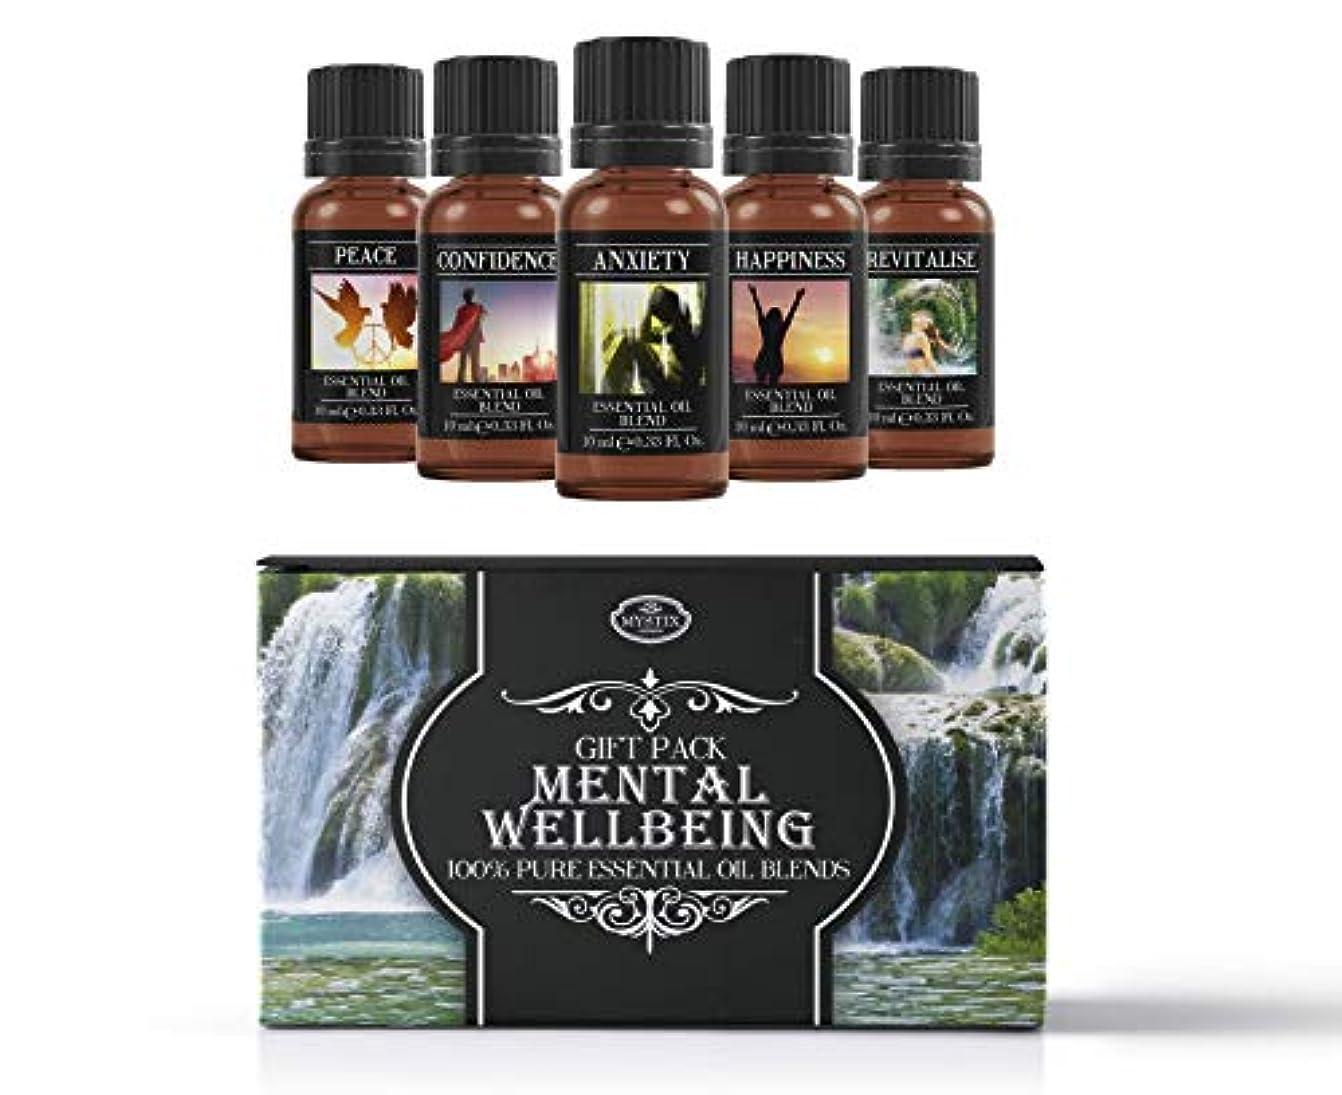 サミット体操選手最少Mental Wellbeing   Essential Oil Blend Gift Pack   Anxiety, Confidence, Happiness, Peace, Revitalise   100% Pure...